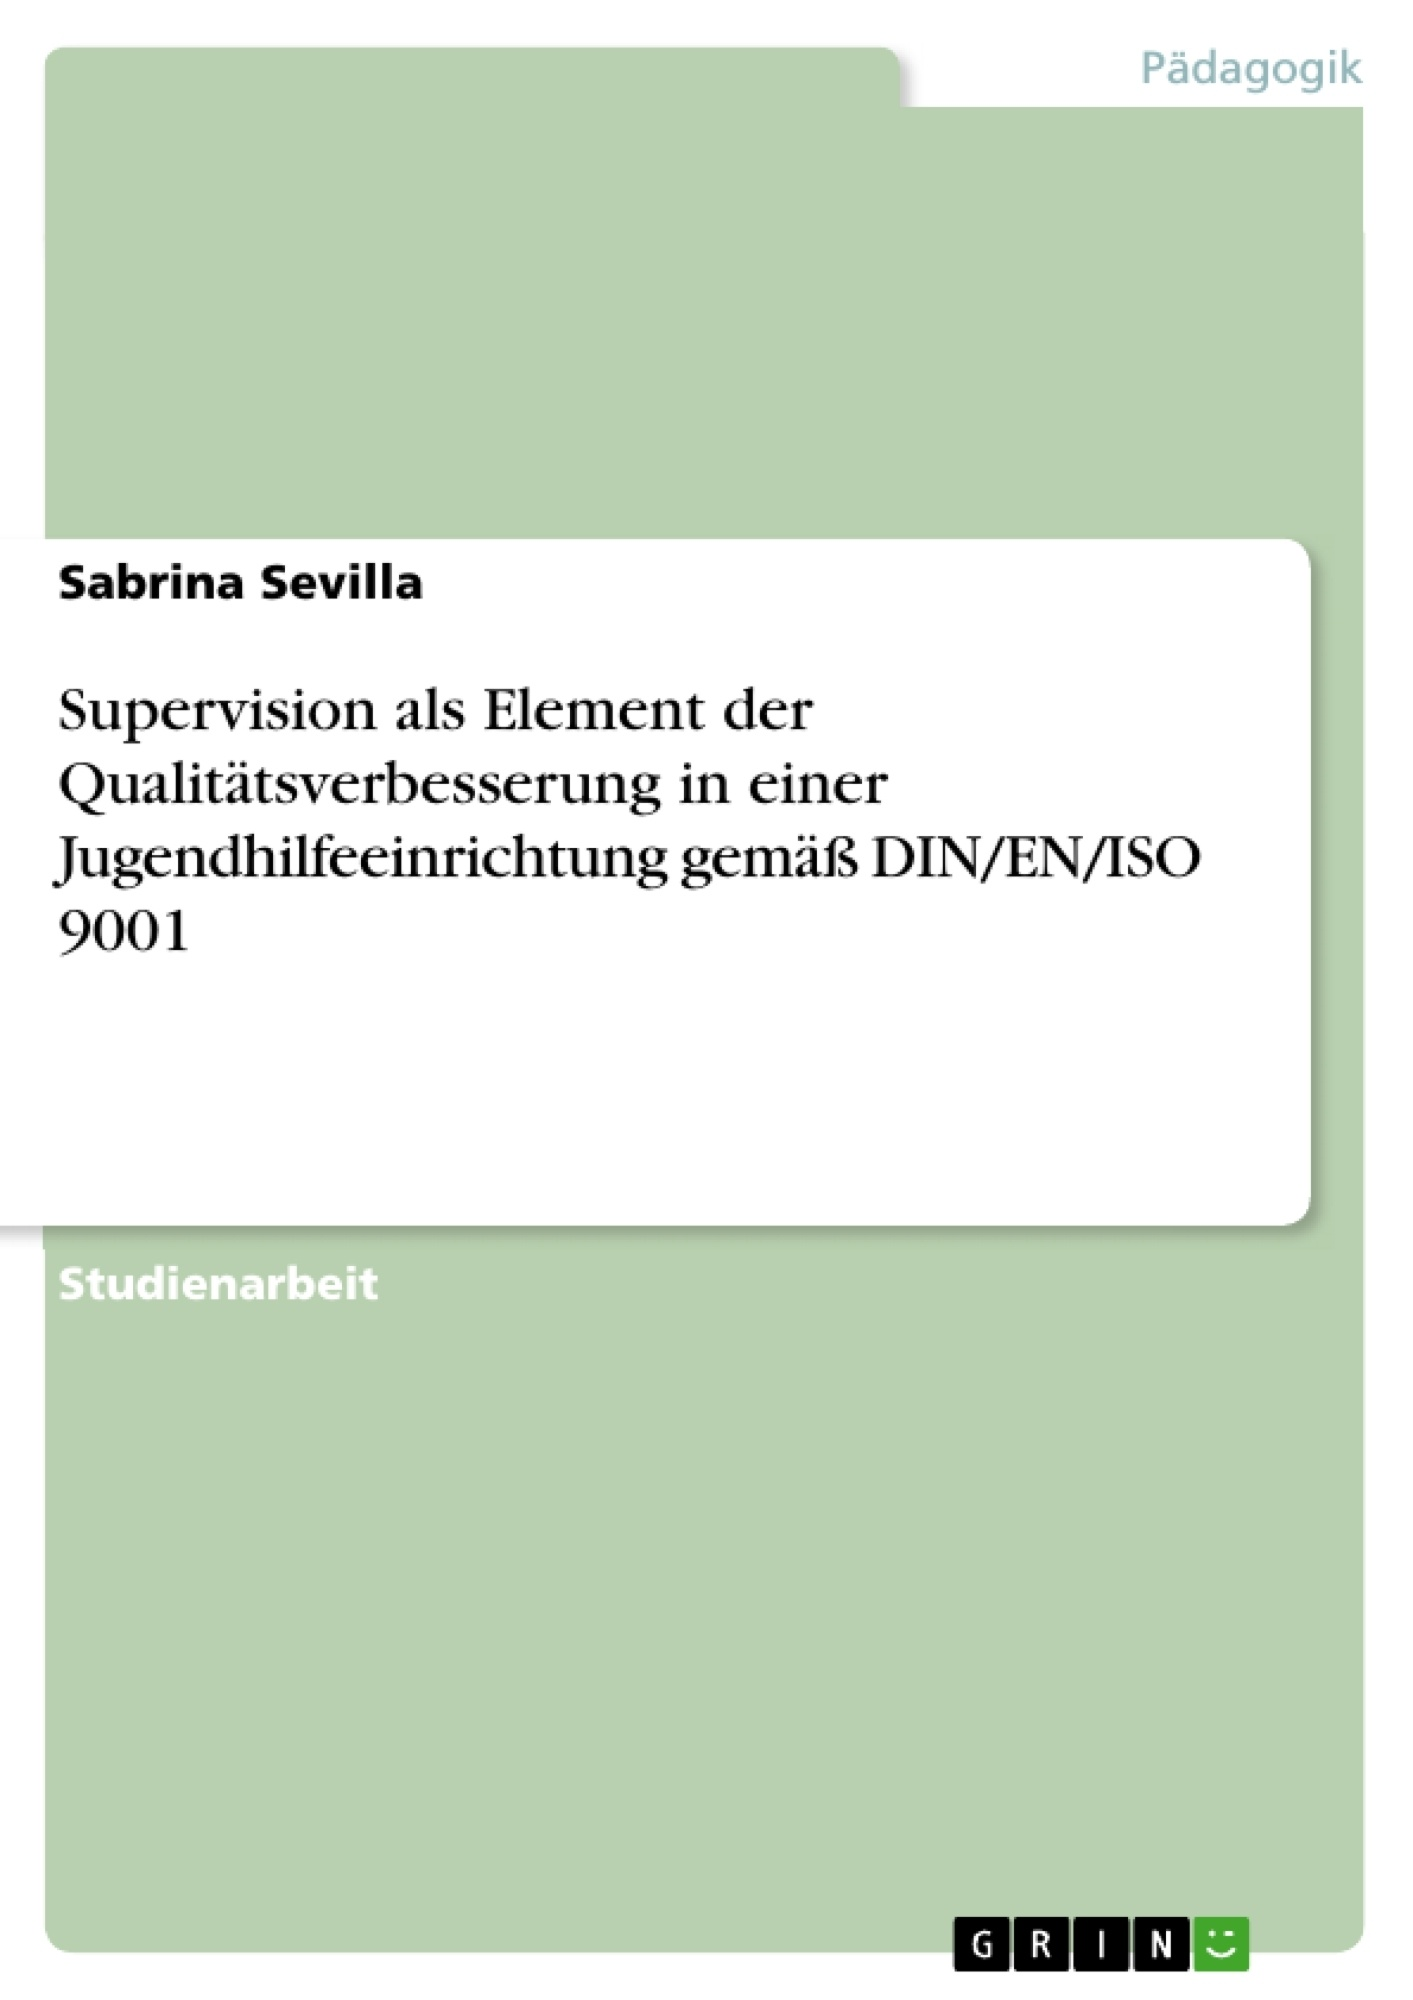 Titel: Supervision als Element der Qualitätsverbesserung in einer Jugendhilfeeinrichtung gemäß DIN/EN/ISO 9001